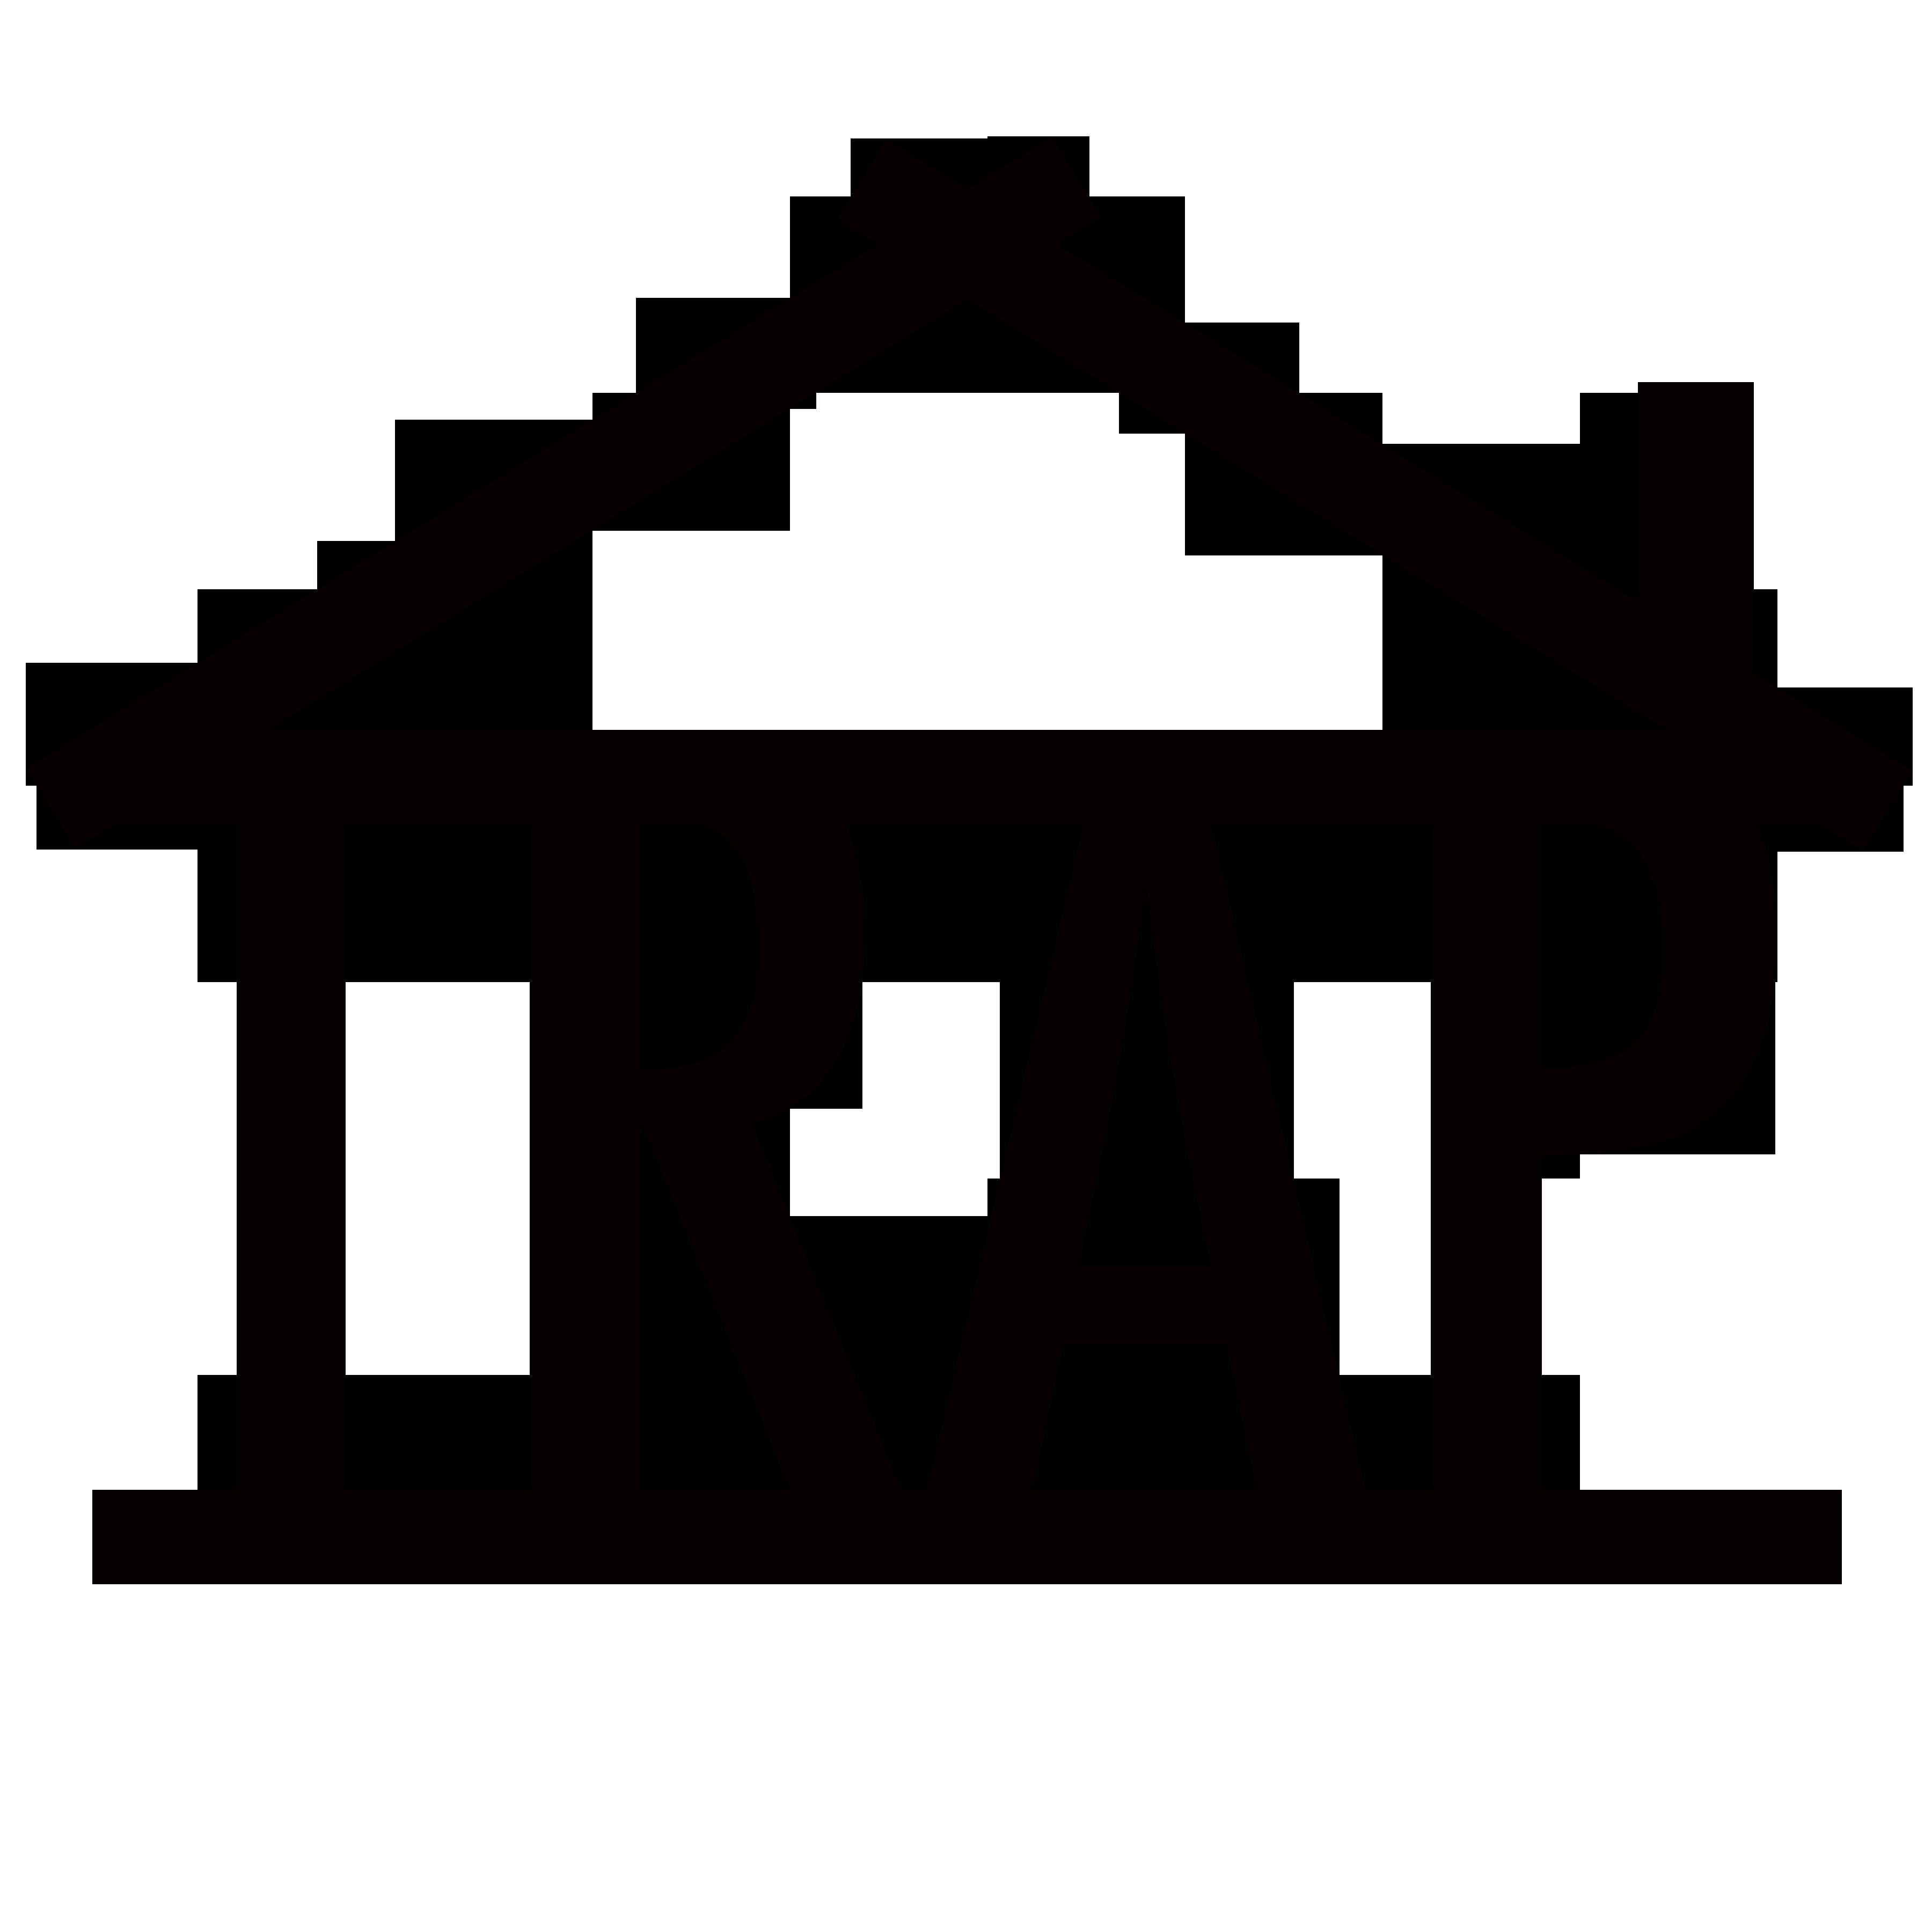 Trap house clipart image transparent Trap House Vector - Clipart Vector Design • image transparent